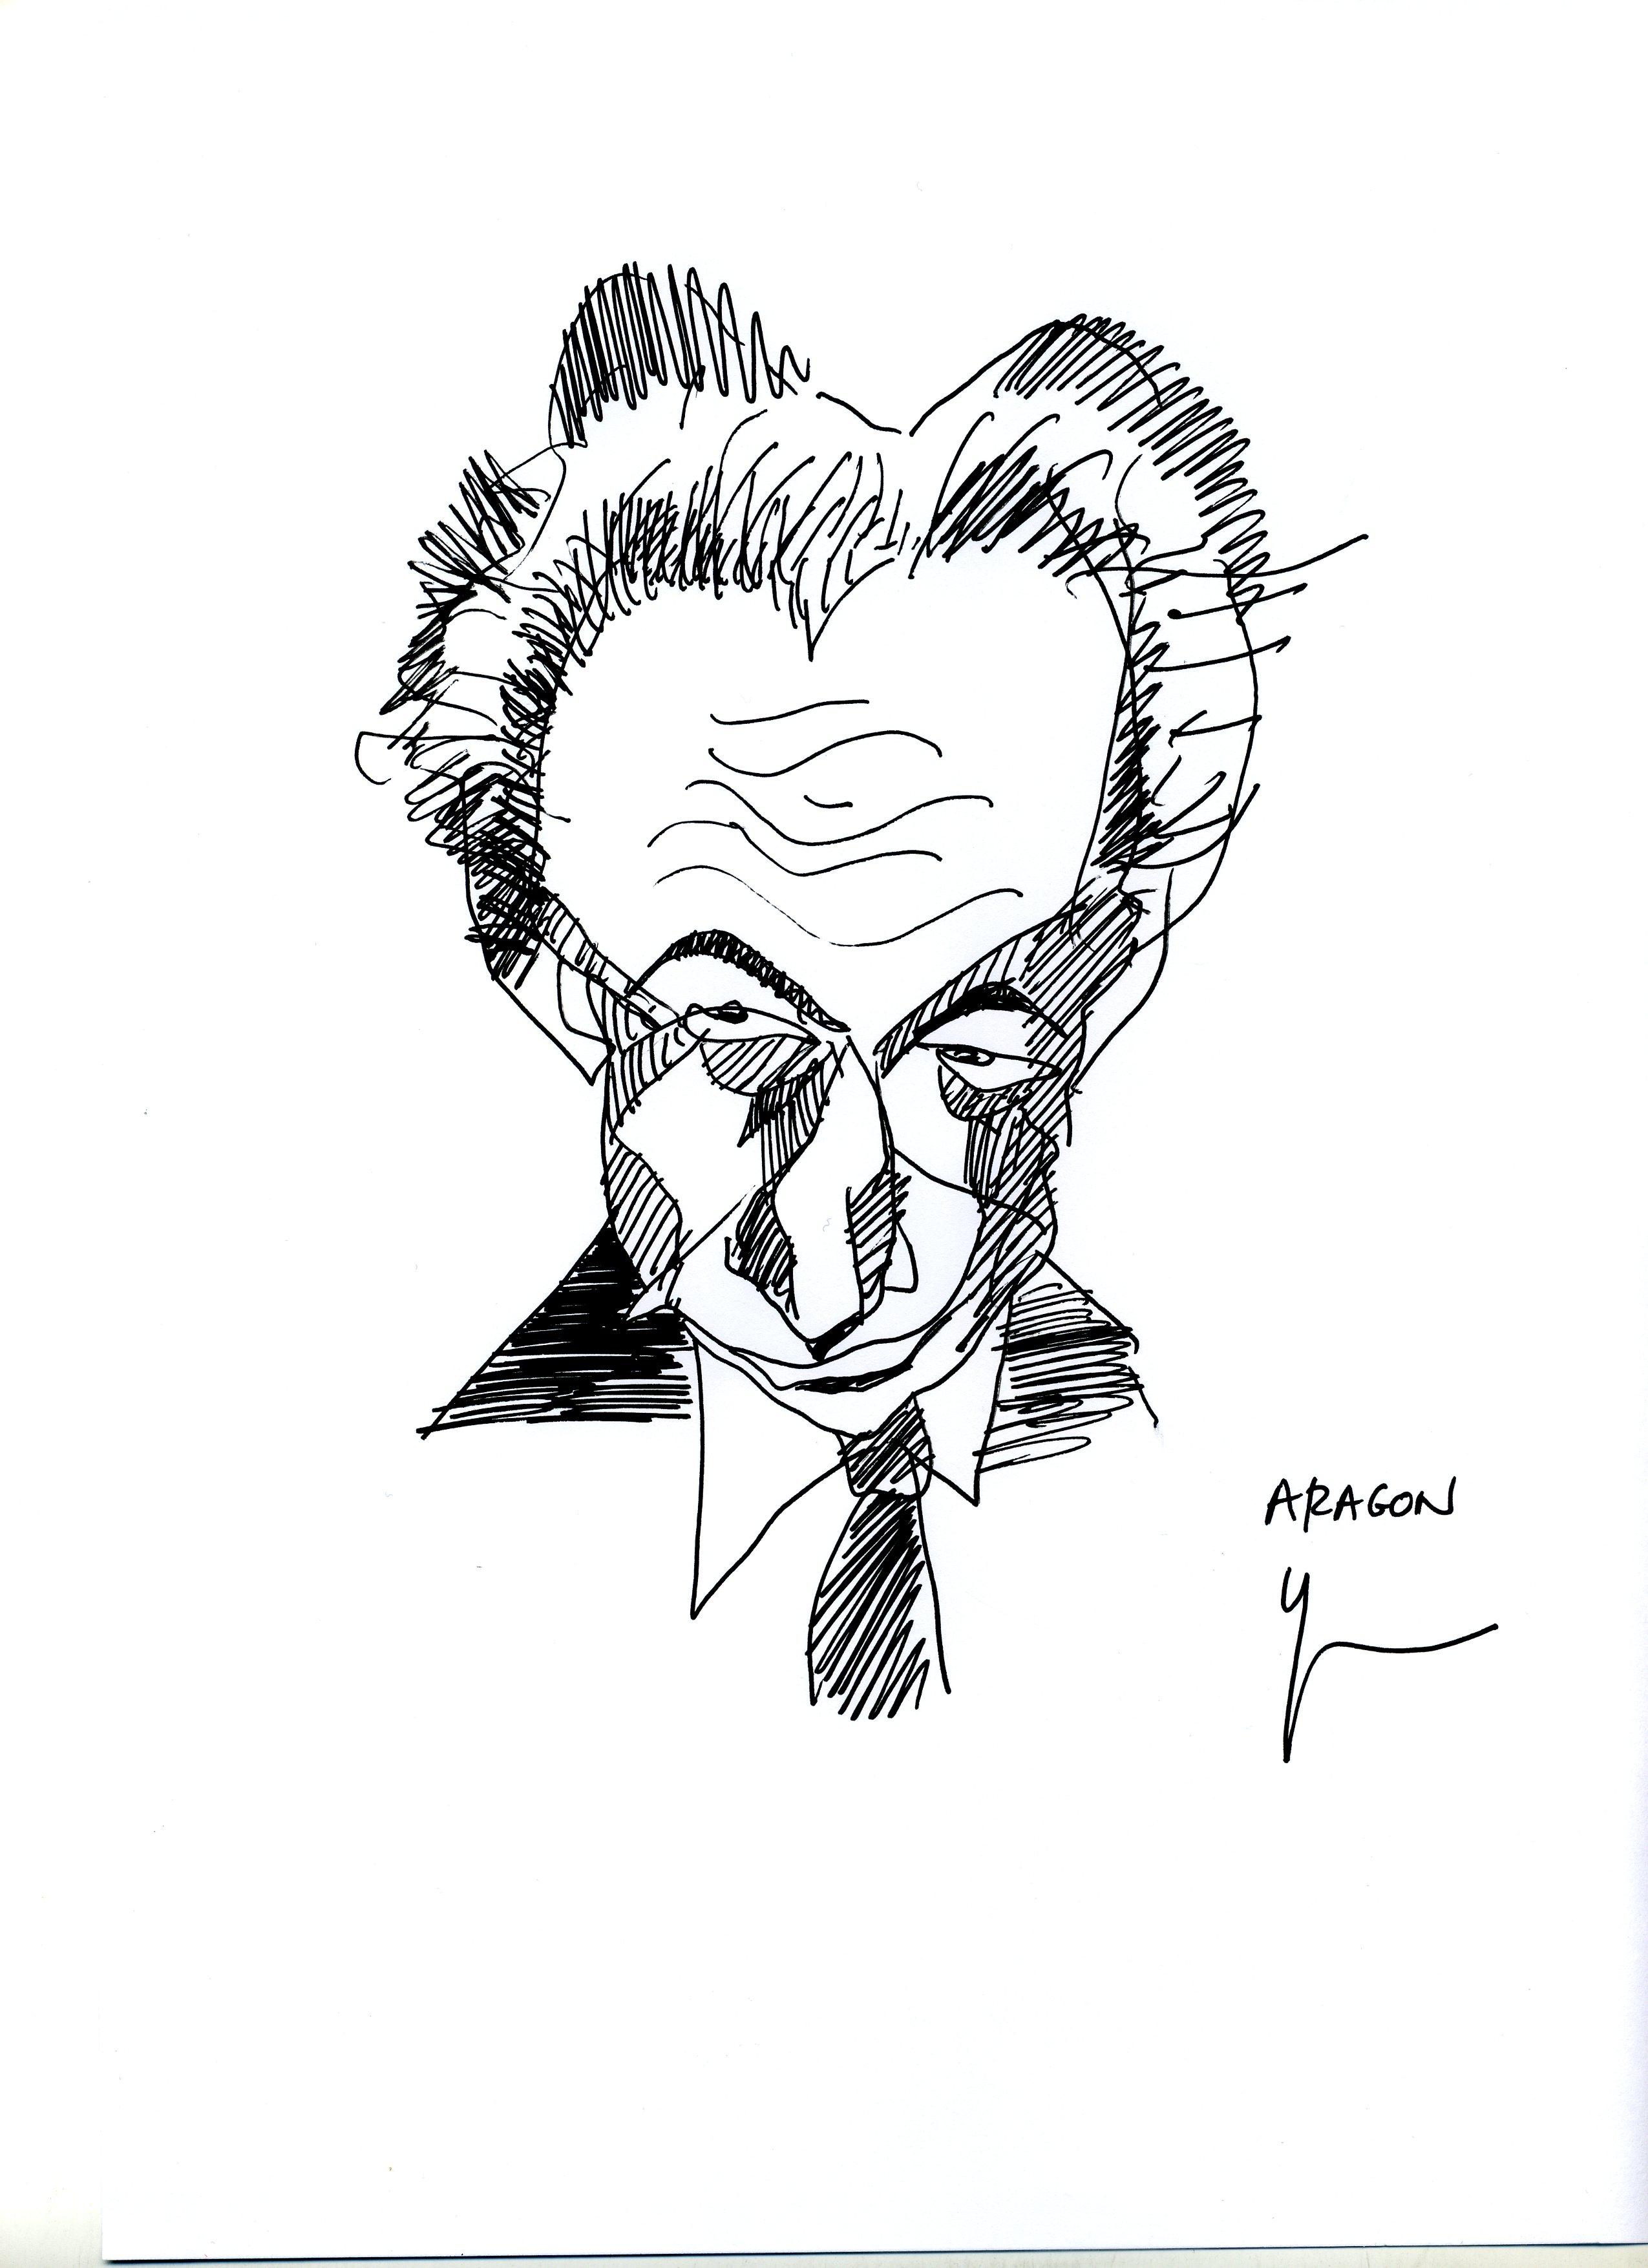 Portrait d'Aragon dessiné par Yann Moix